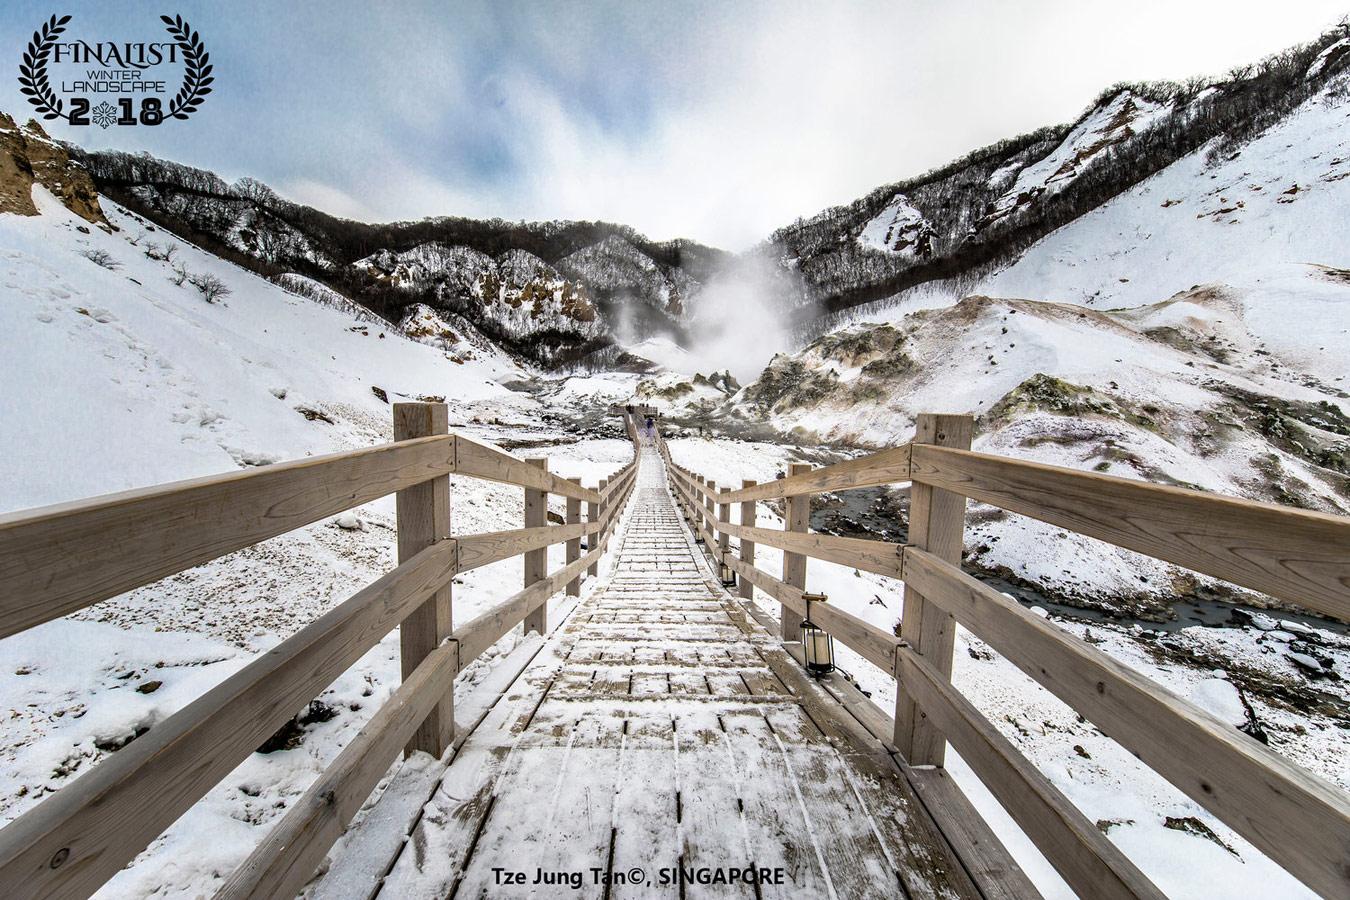 Ноборибецу, Хоккайдо: «Поездка в Адскую долину», © Цзе Юнг Тан, Сингапур, Финалист фестиваля «Зимний пейзаж», Фотоконкурс пейзажа журнала Renner